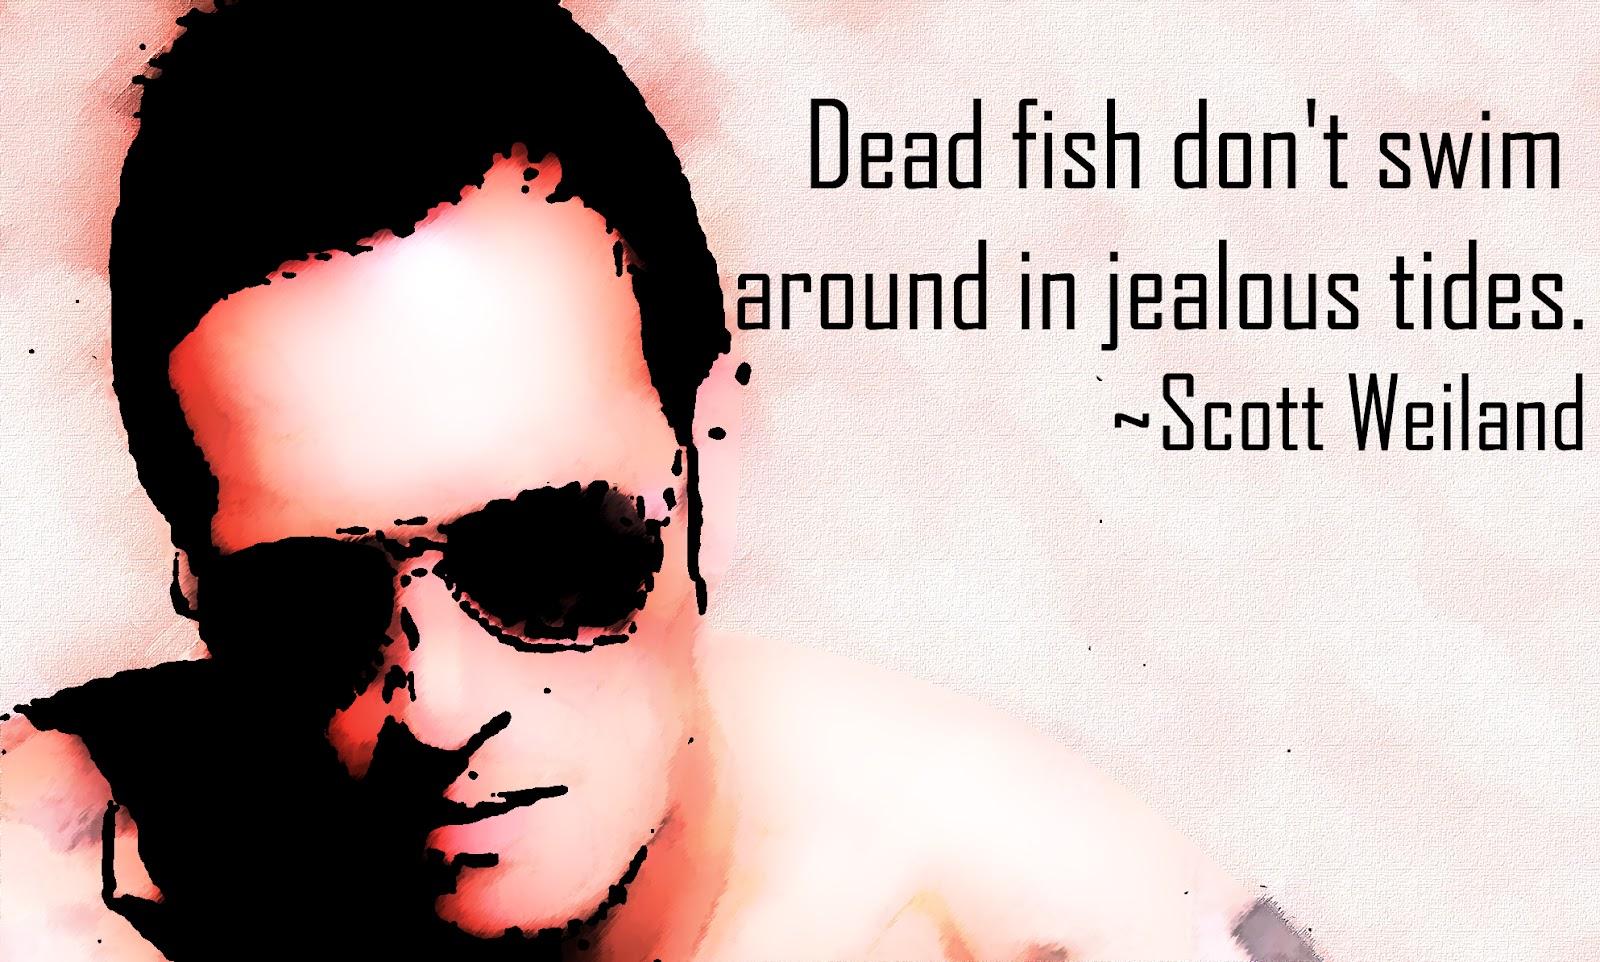 Scott Weiland's quote